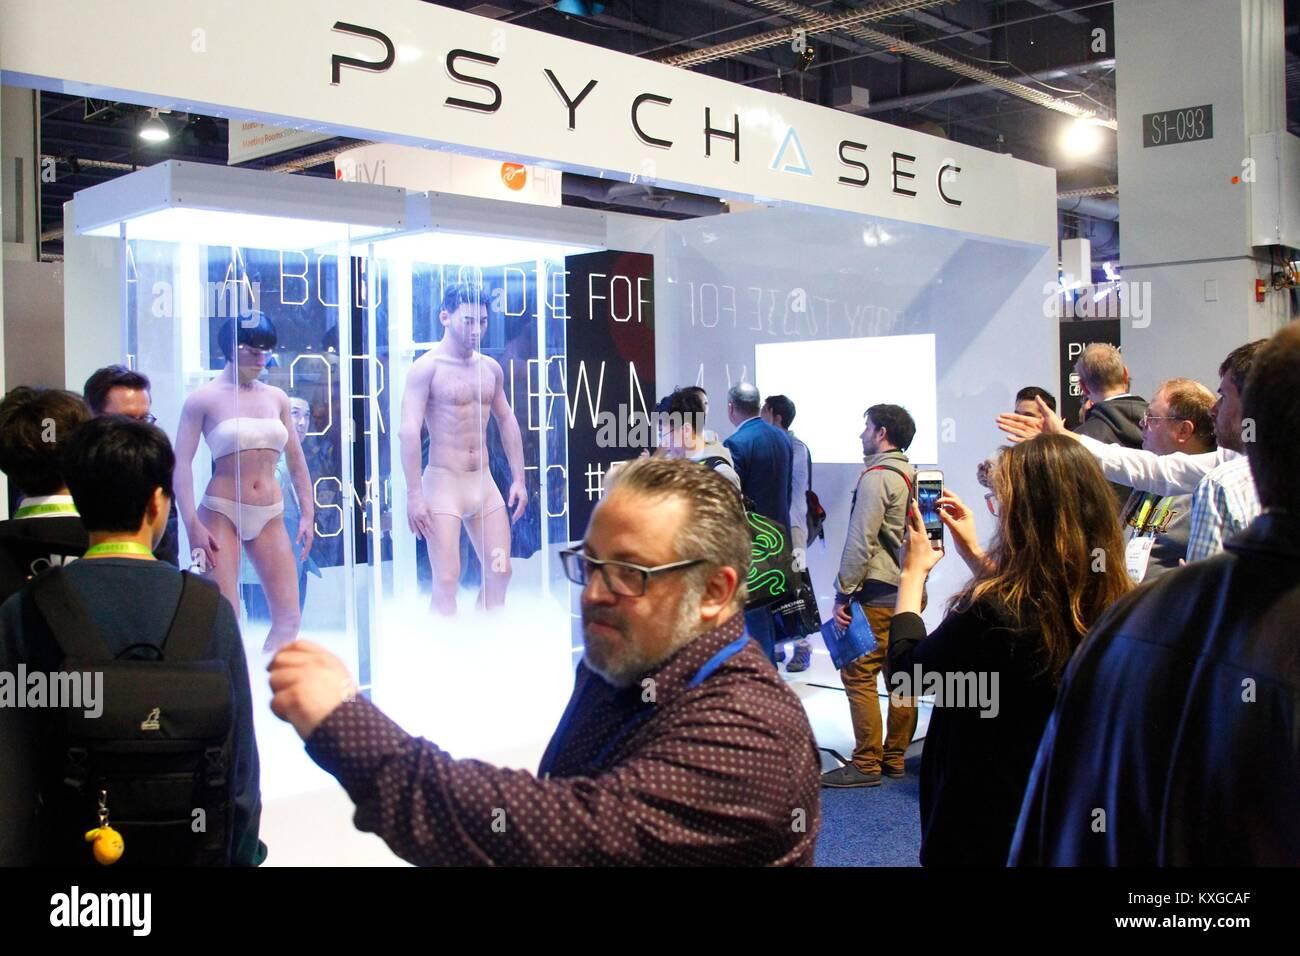 Las Vegas, NV, USA. Jan 9, 2018. La cryothérapie corps entier par Psych Sec présents pour 2018 International Photo Stock